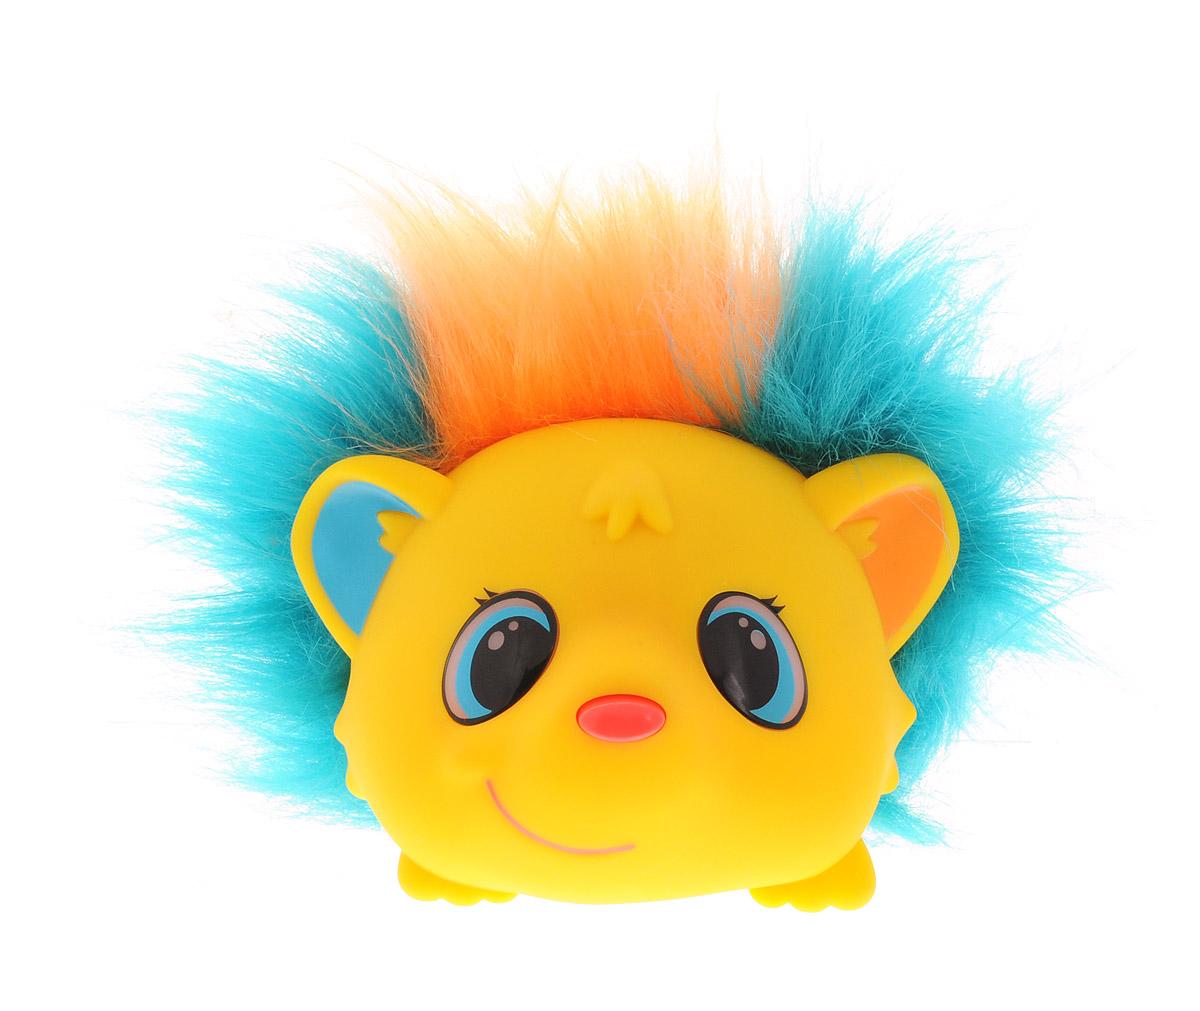 ZanZoon Интерактивная игрушка Ежкины сказки16558Интерактивная игрушка ZanZoon Ежкины сказки в виде веселого желтого ежика не просто рассказывает сказки, а приглашает всех желающих помочь придумать новые! Нажимая на ушки или носик ежика, можно выбрать один из трех вариантов развития сюжета: всего получается 56 историй, каждая длительностью около 3 минут. 20 любимых сказок ежик может запомнить и рассказать заново. Вместо иголок у ежика лихая разноцветная шевелюра, так что никто не уколется, слушая сказку. Интерактивная игрушка ZanZoon Ежкины сказки помогает развитию детского воображения. Кто знает, вдруг малыш настолько полюбит придумывать истории, что решит стать писателем или киносценаристом? Для работы игрушки необходимы 3 батарейки типа ААА напряжением 1,5V (товар комплектуется демонстрационными).